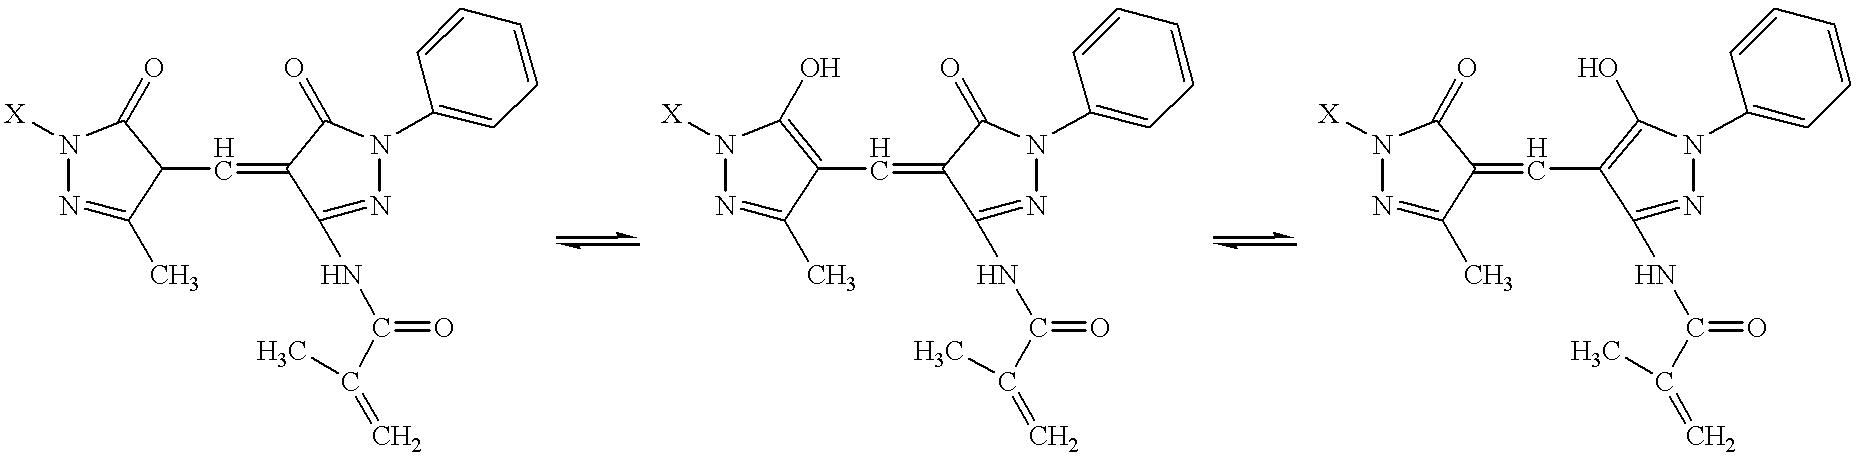 Figure US06310215-20011030-C00004